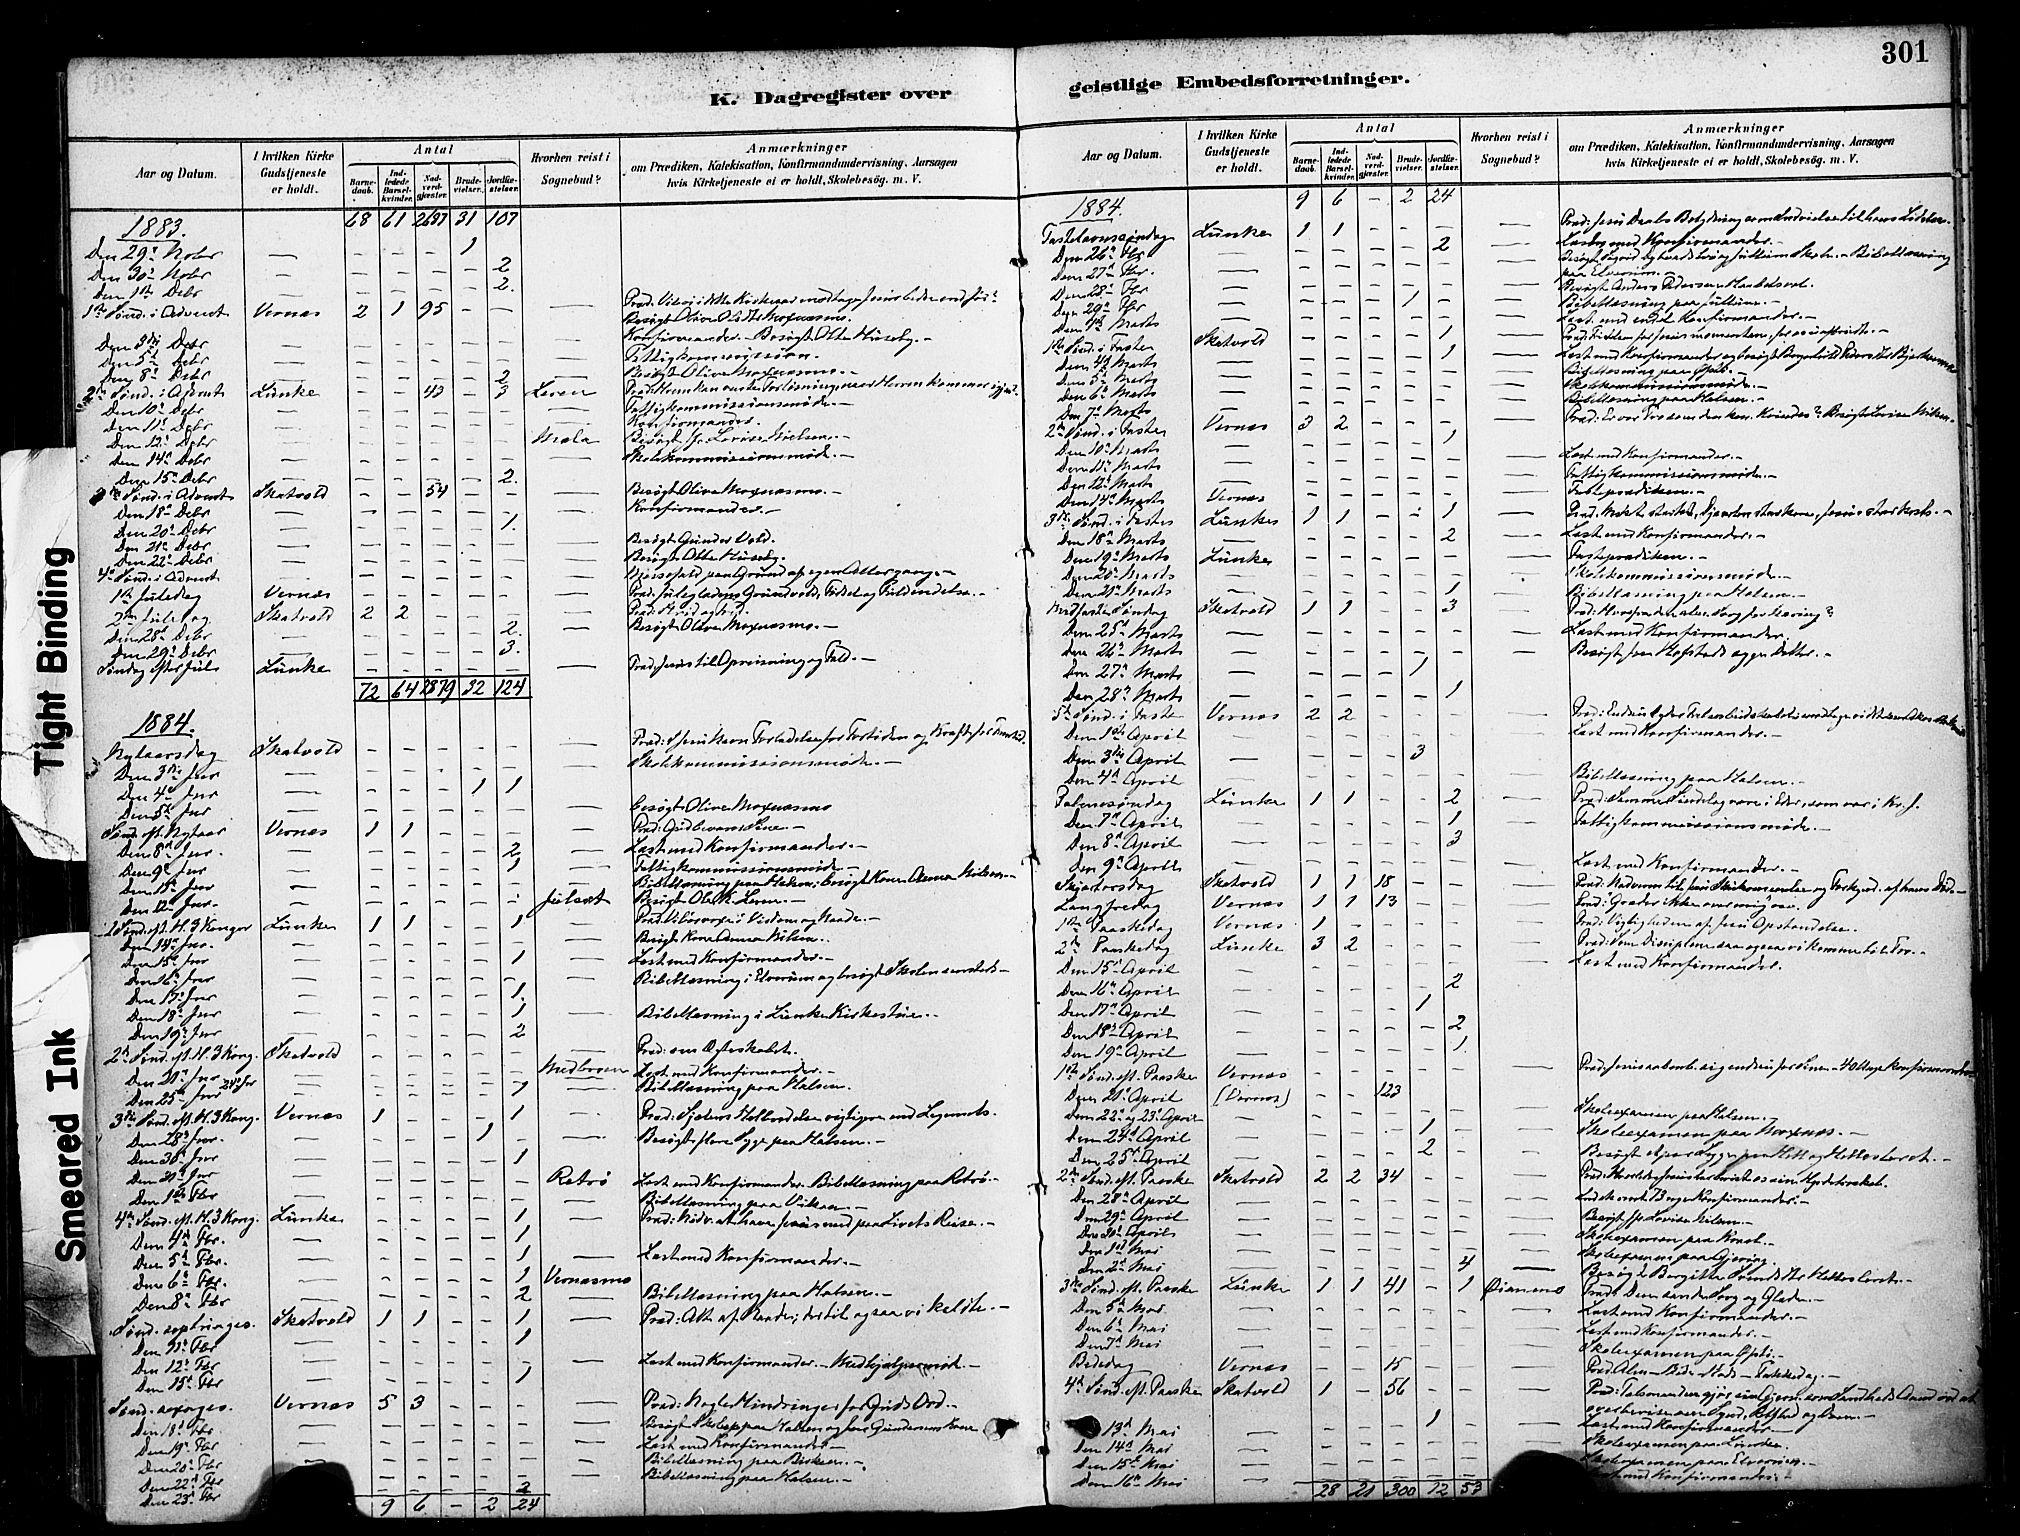 SAT, Ministerialprotokoller, klokkerbøker og fødselsregistre - Nord-Trøndelag, 709/L0077: Ministerialbok nr. 709A17, 1880-1895, s. 301